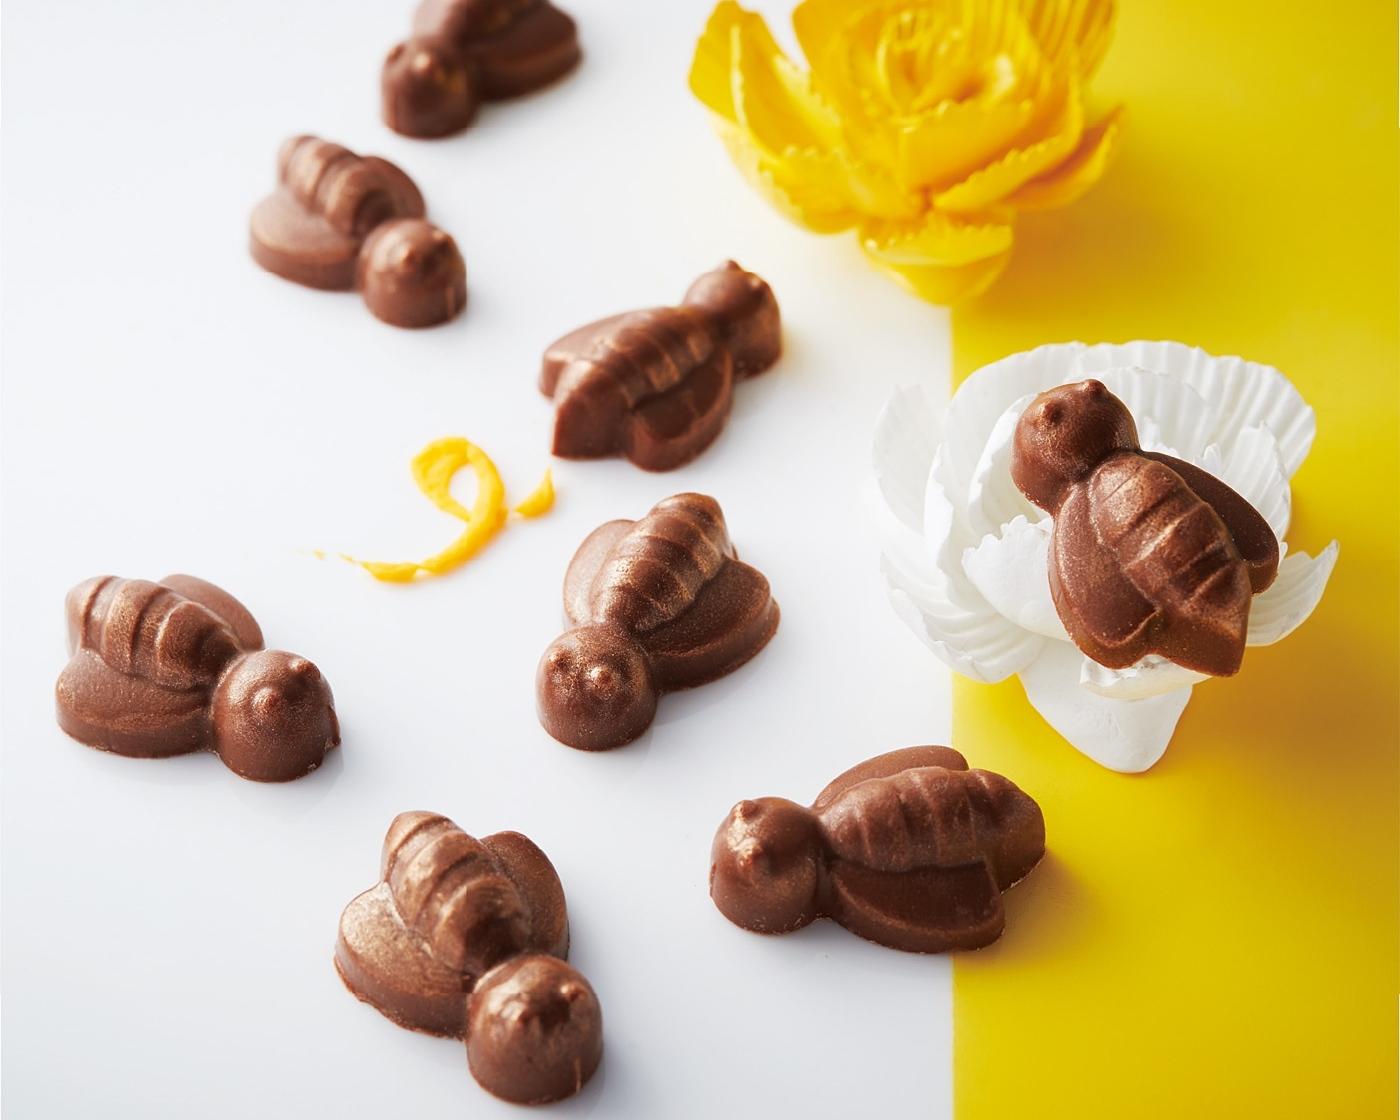 フェリシモ幸せのチョコレート「はちみつチョコレート」